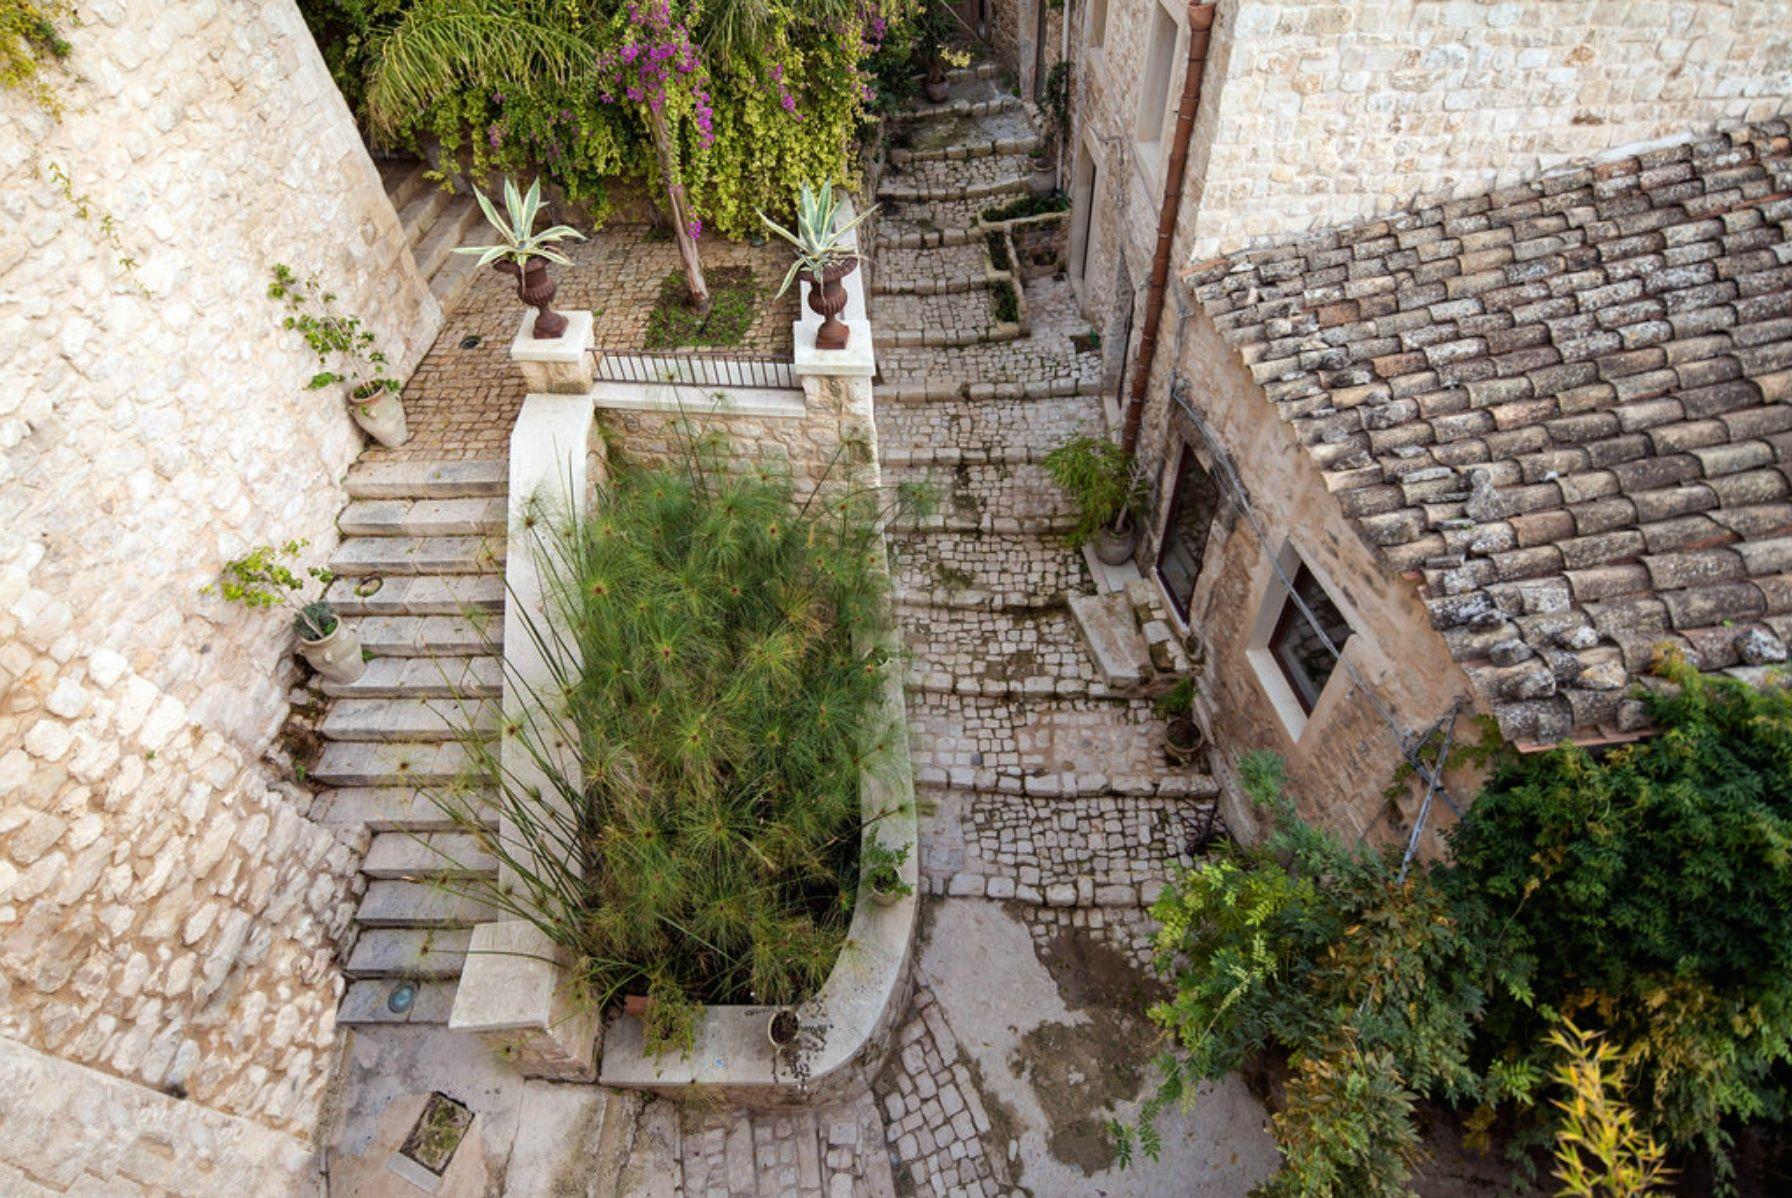 VILLA IN A BAROQUE-ERA SICILIAN TOWN